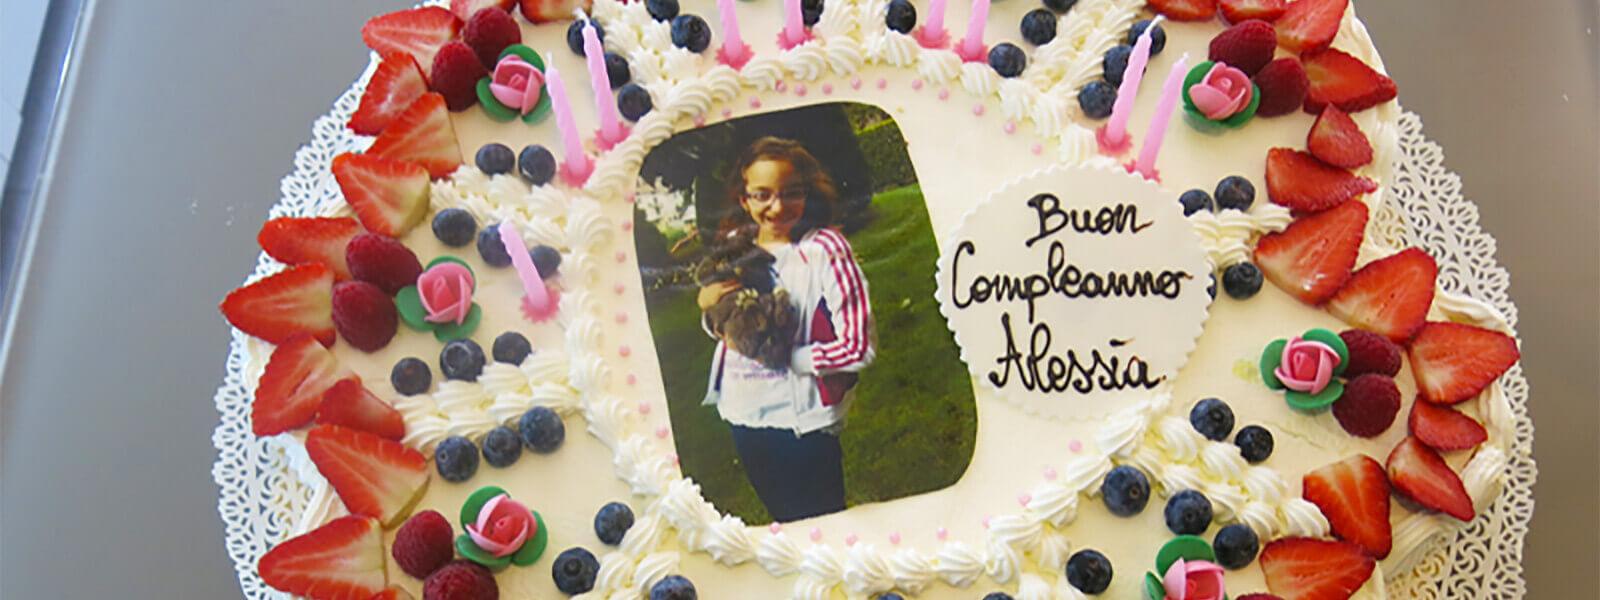 Torte di compleanno per bambini con foto